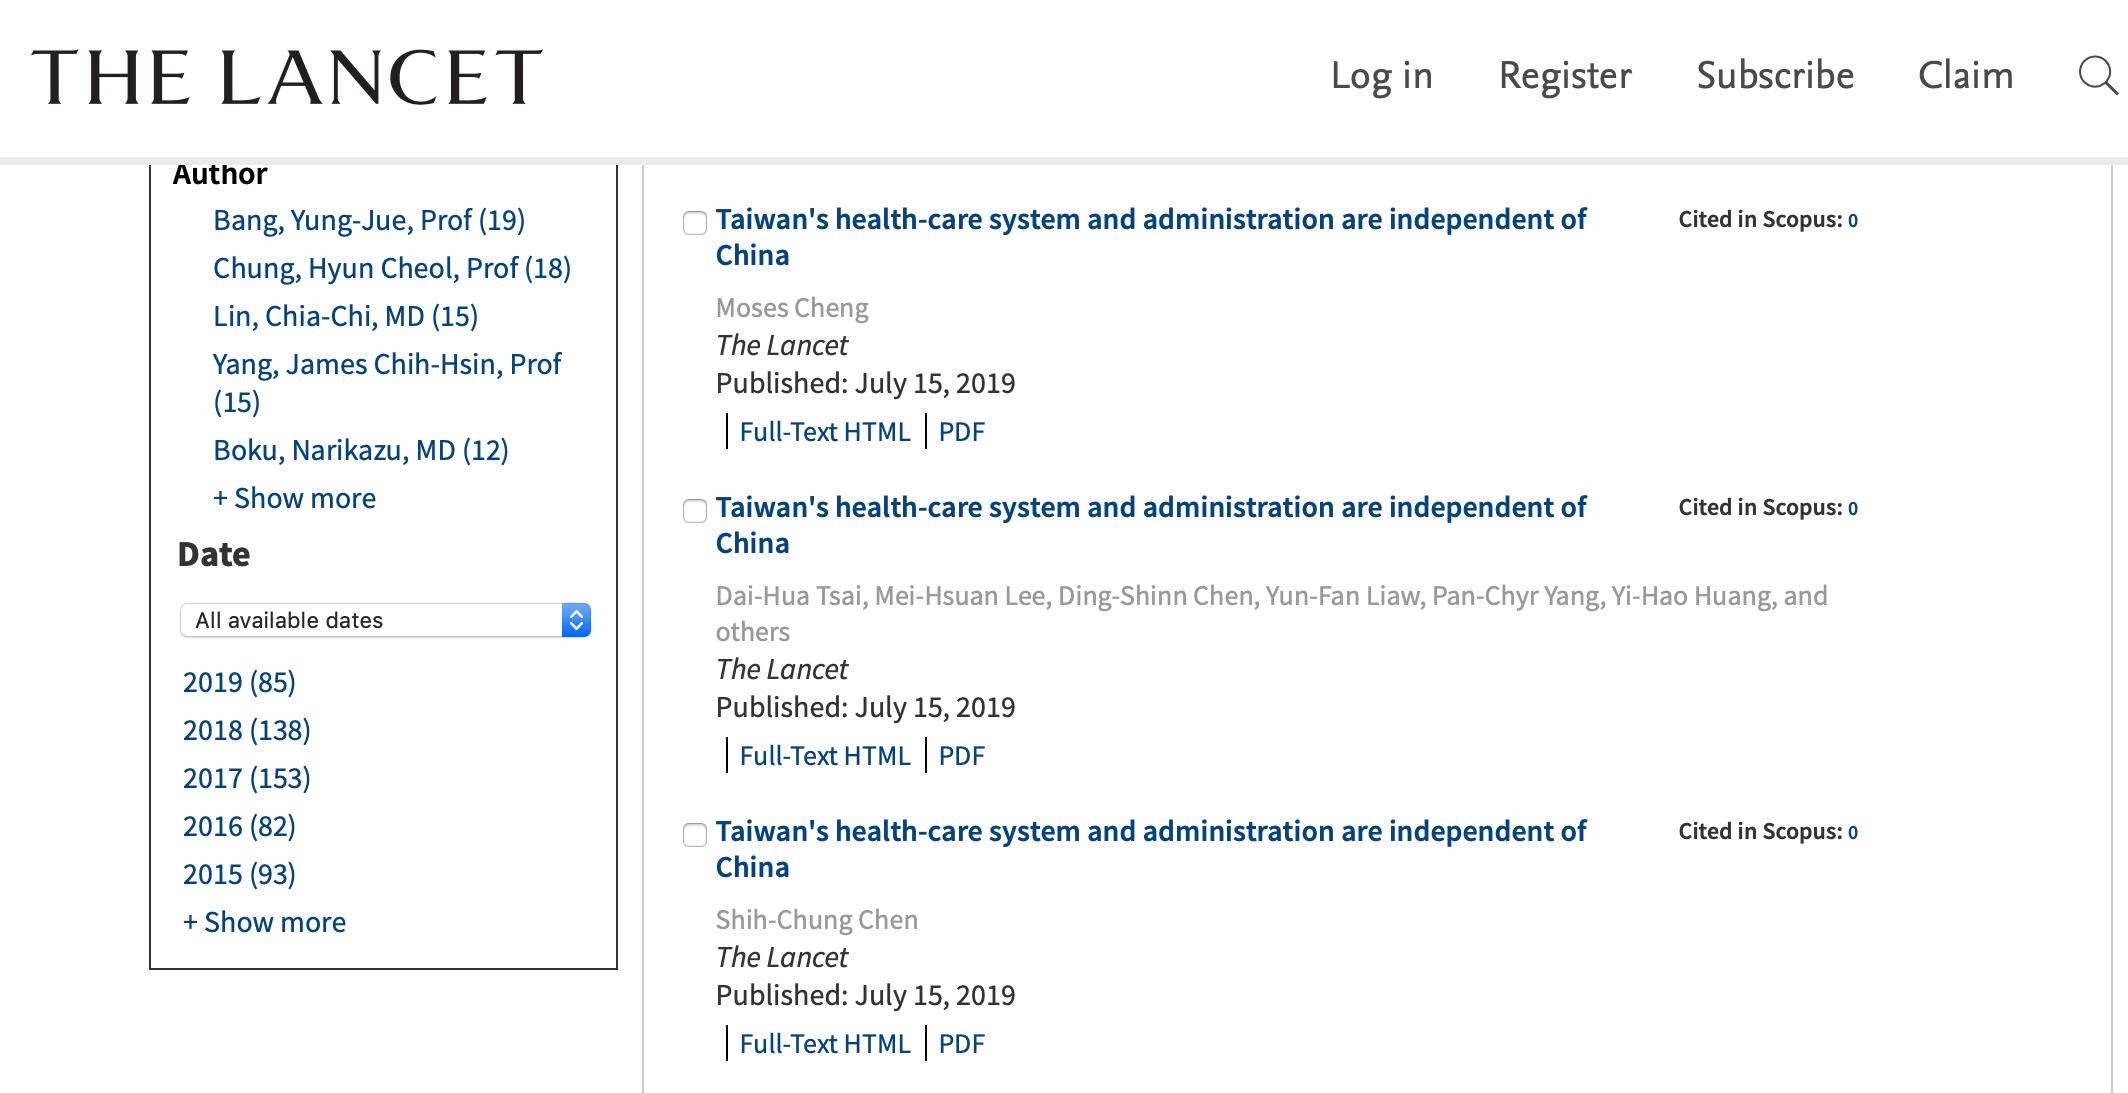 知名医学期刊《柳叶刀》(The Lancet)7月15日刊登台湾去函的三封抗议信。(《柳叶刀》官网截图)